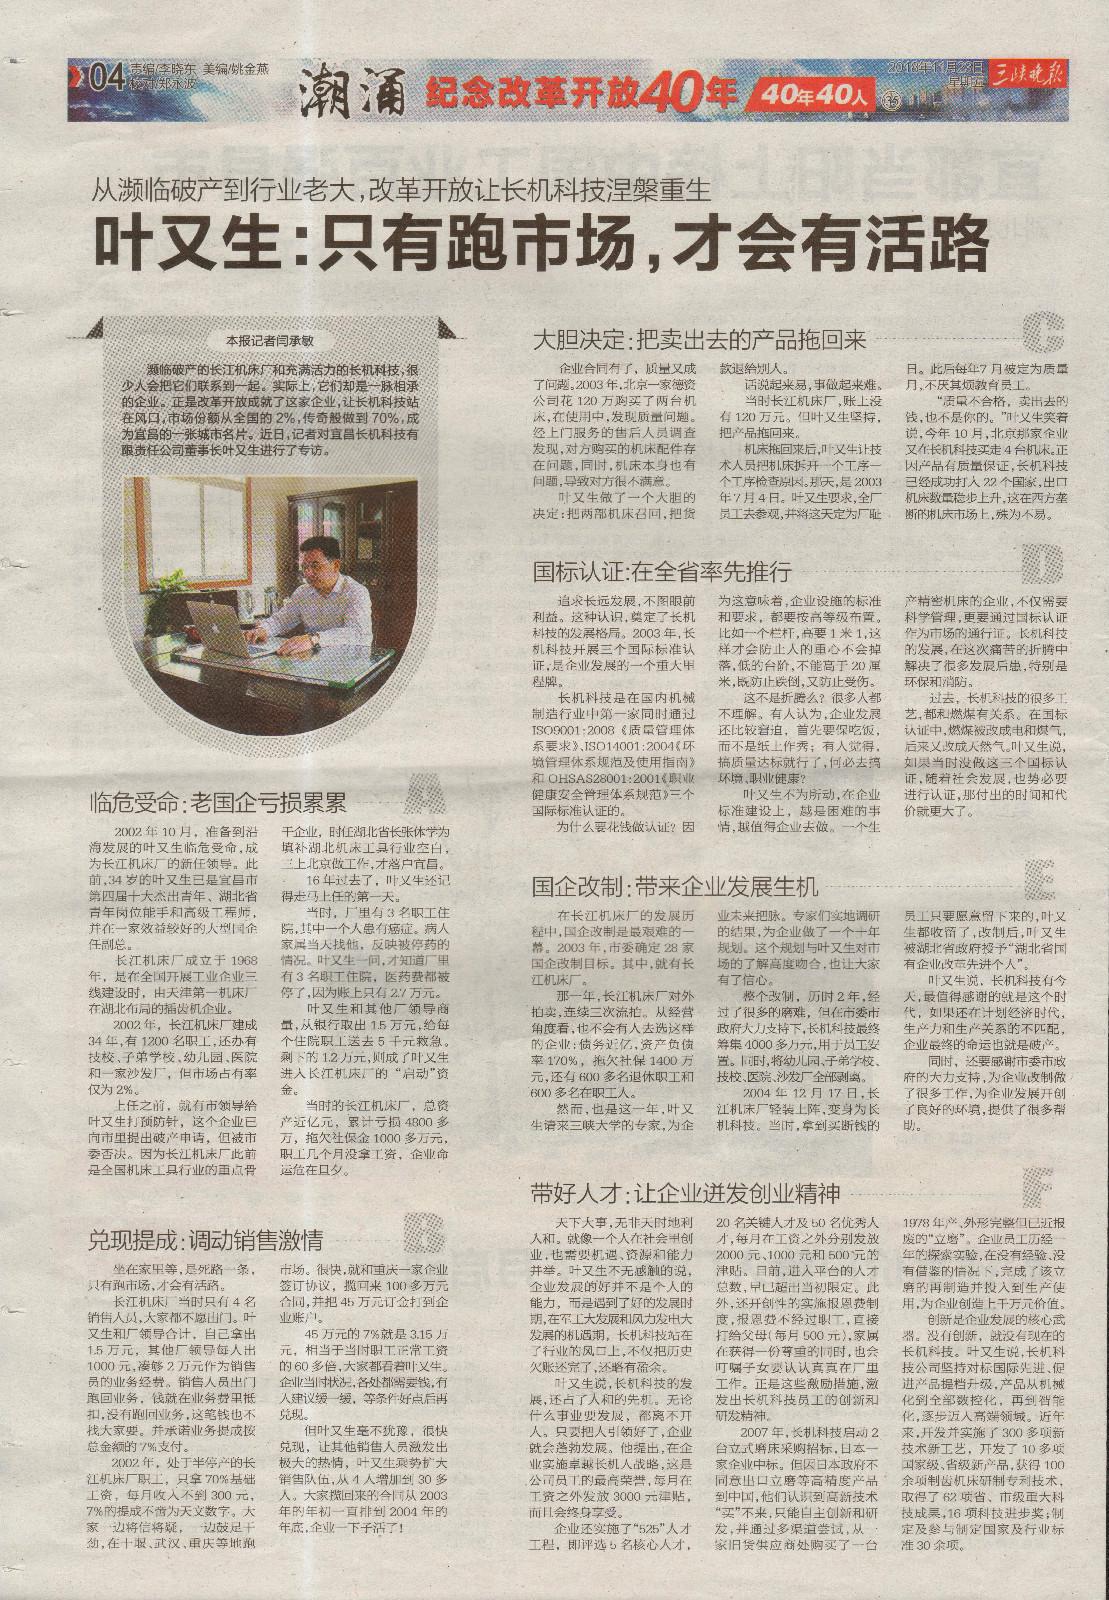 """三峡晚报报道:""""叶又生:只有跑市场,才会有活路"""""""